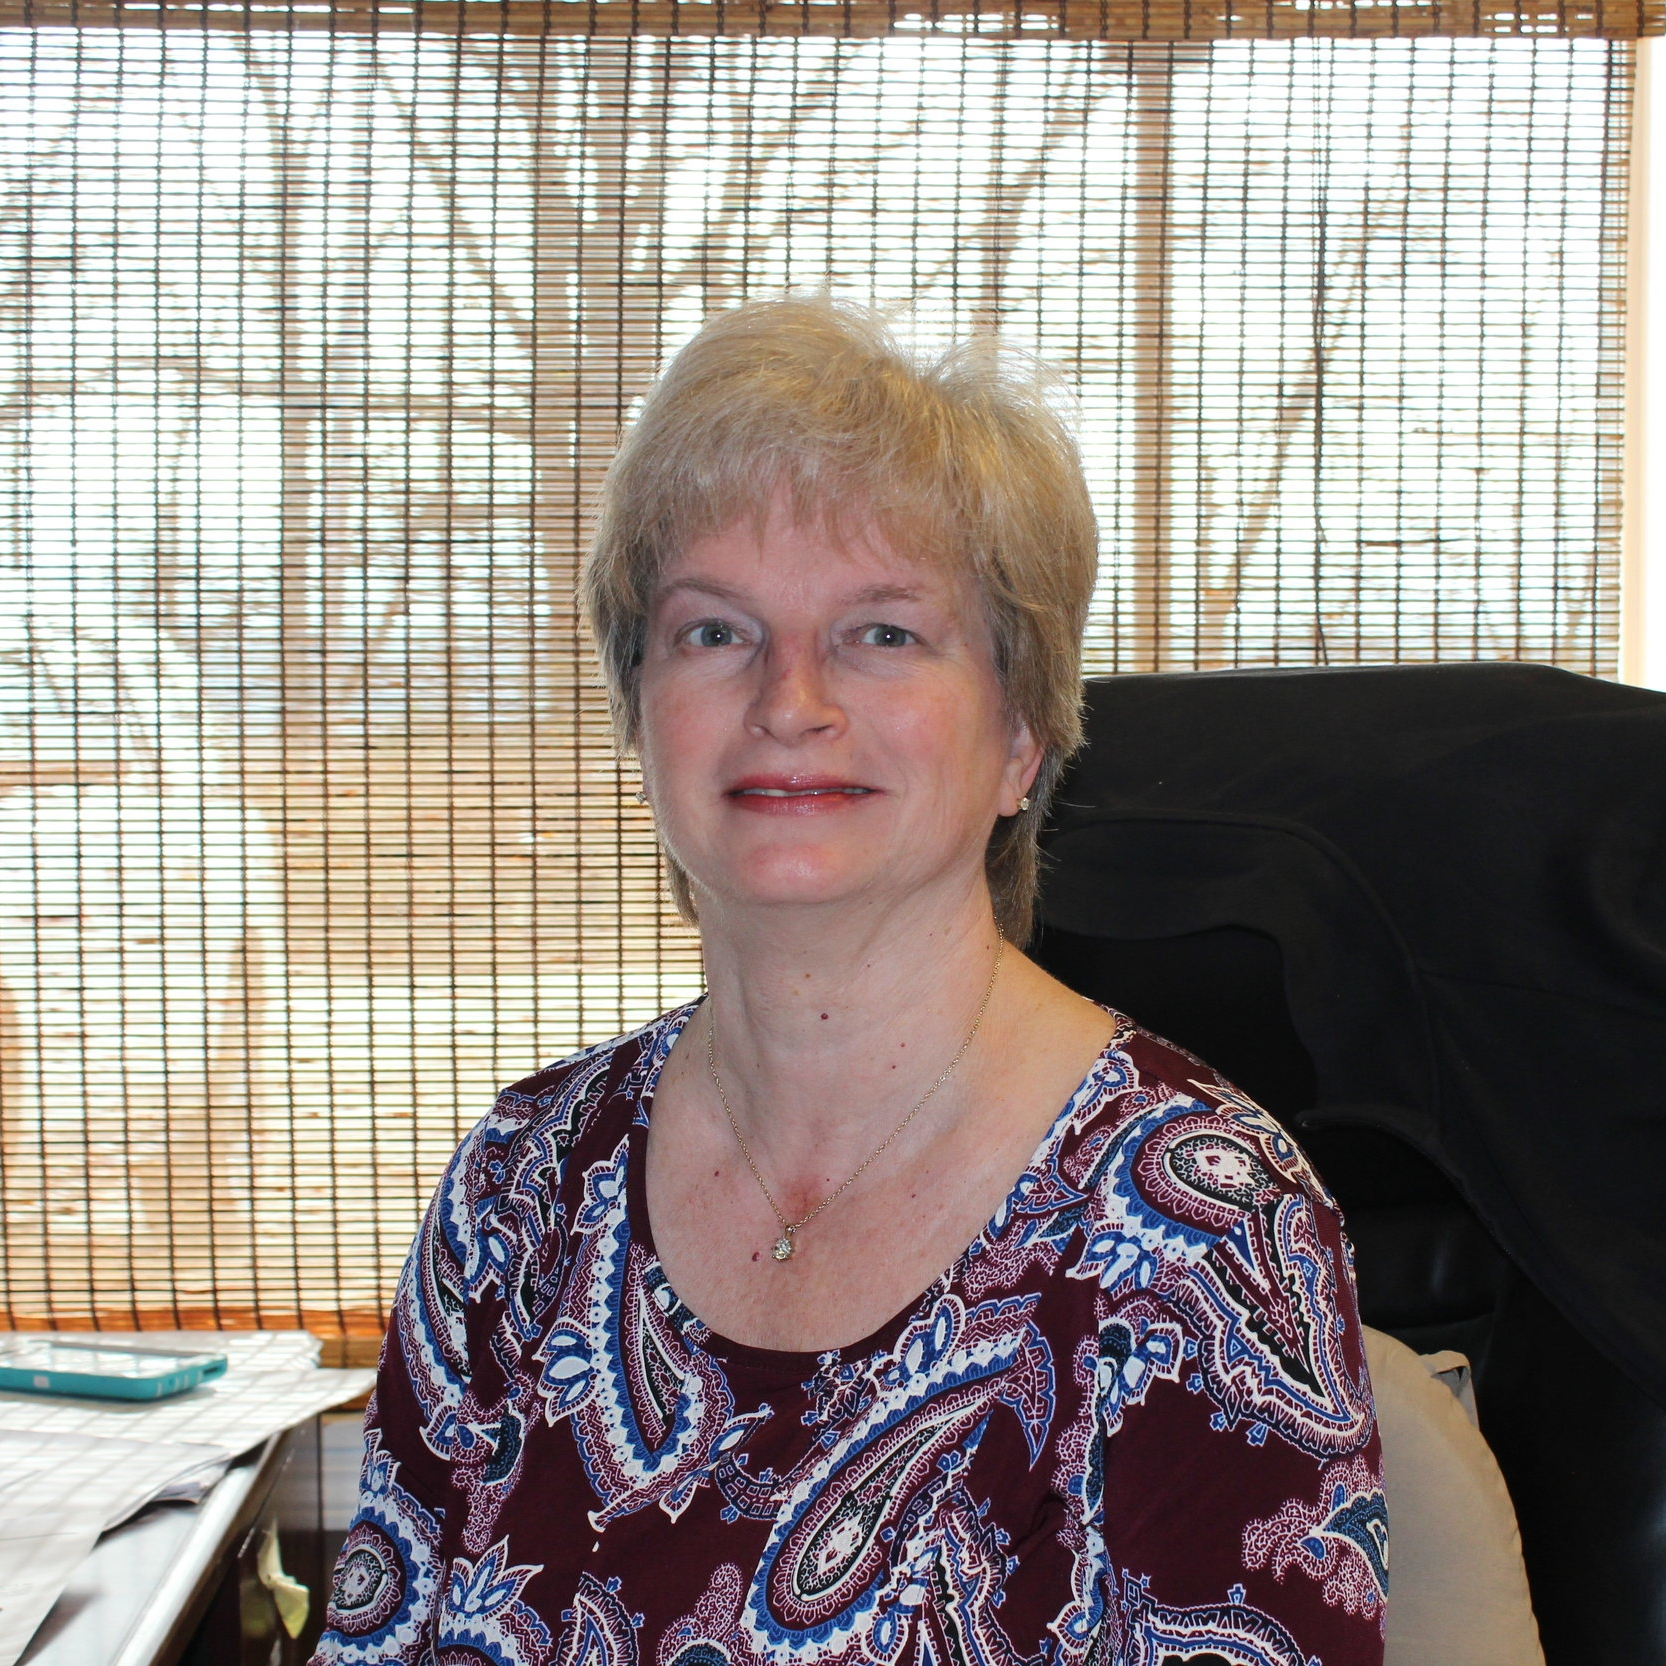 Carolyn Bowles, Project Coordinator